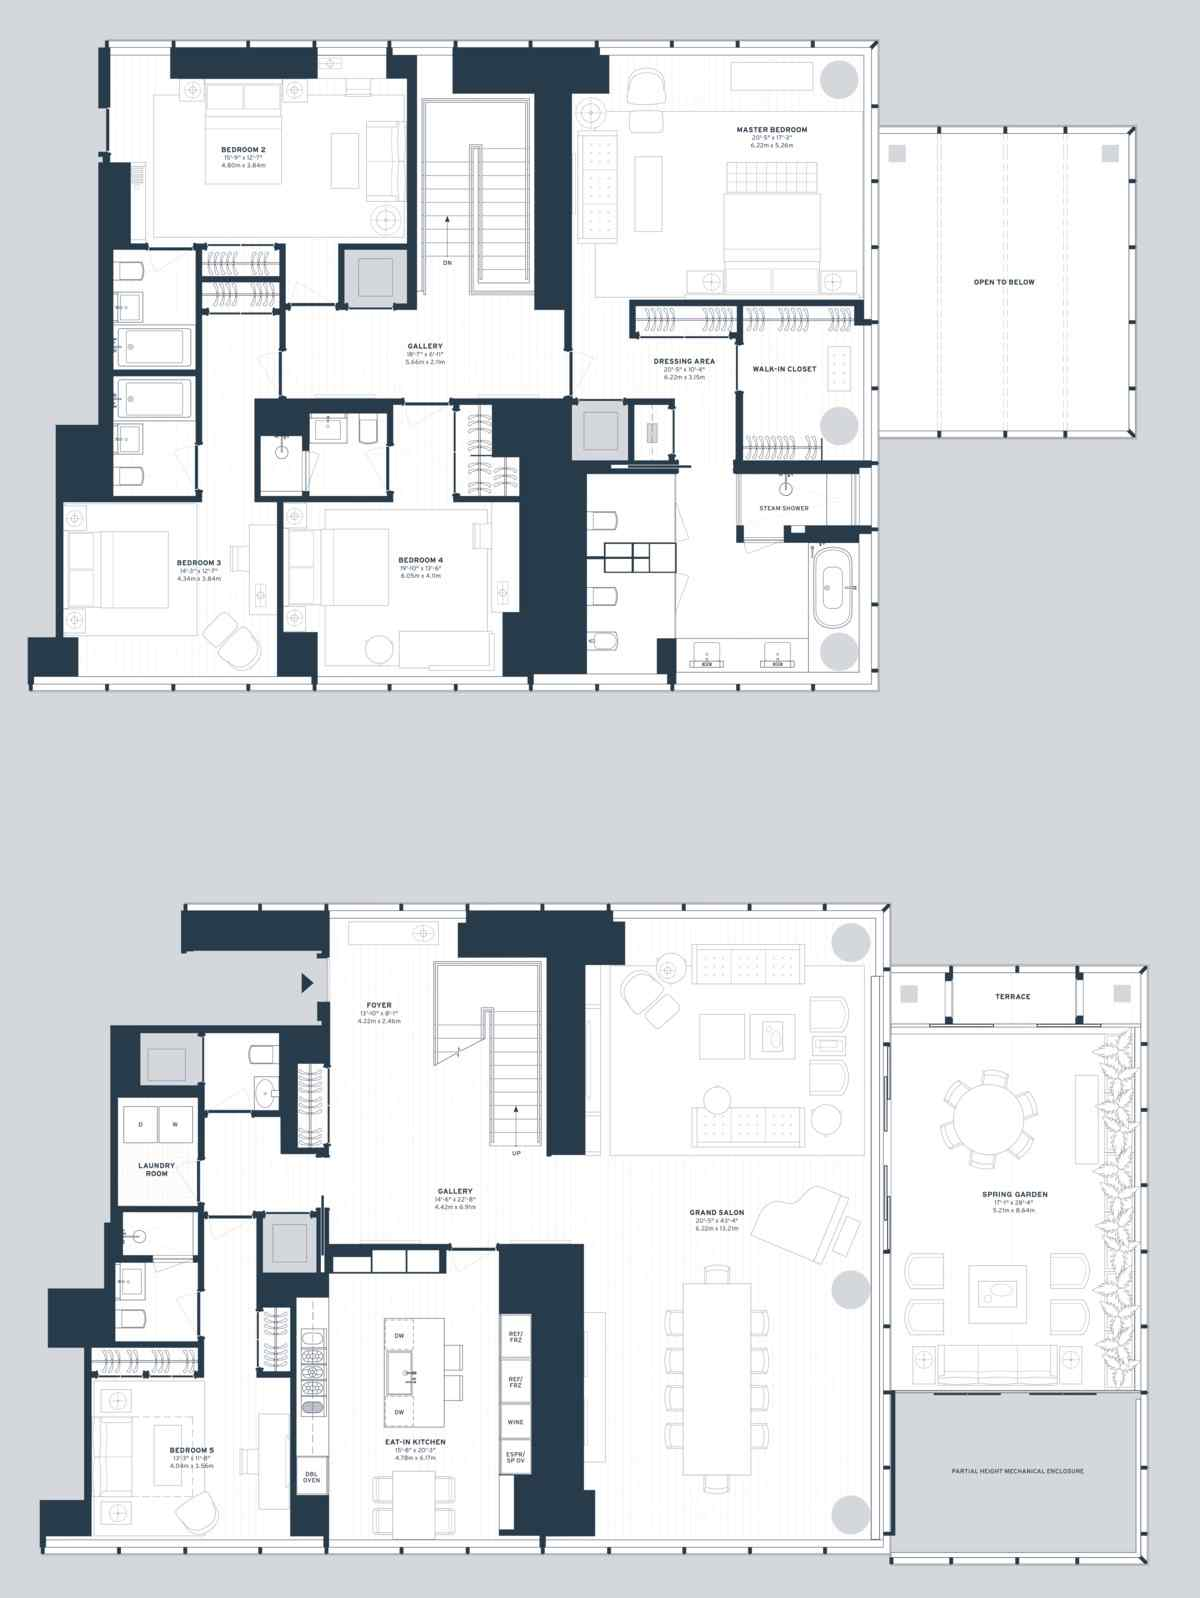 Самые дорогие квартиры марта. Манхэттен, Нью-Йорк.